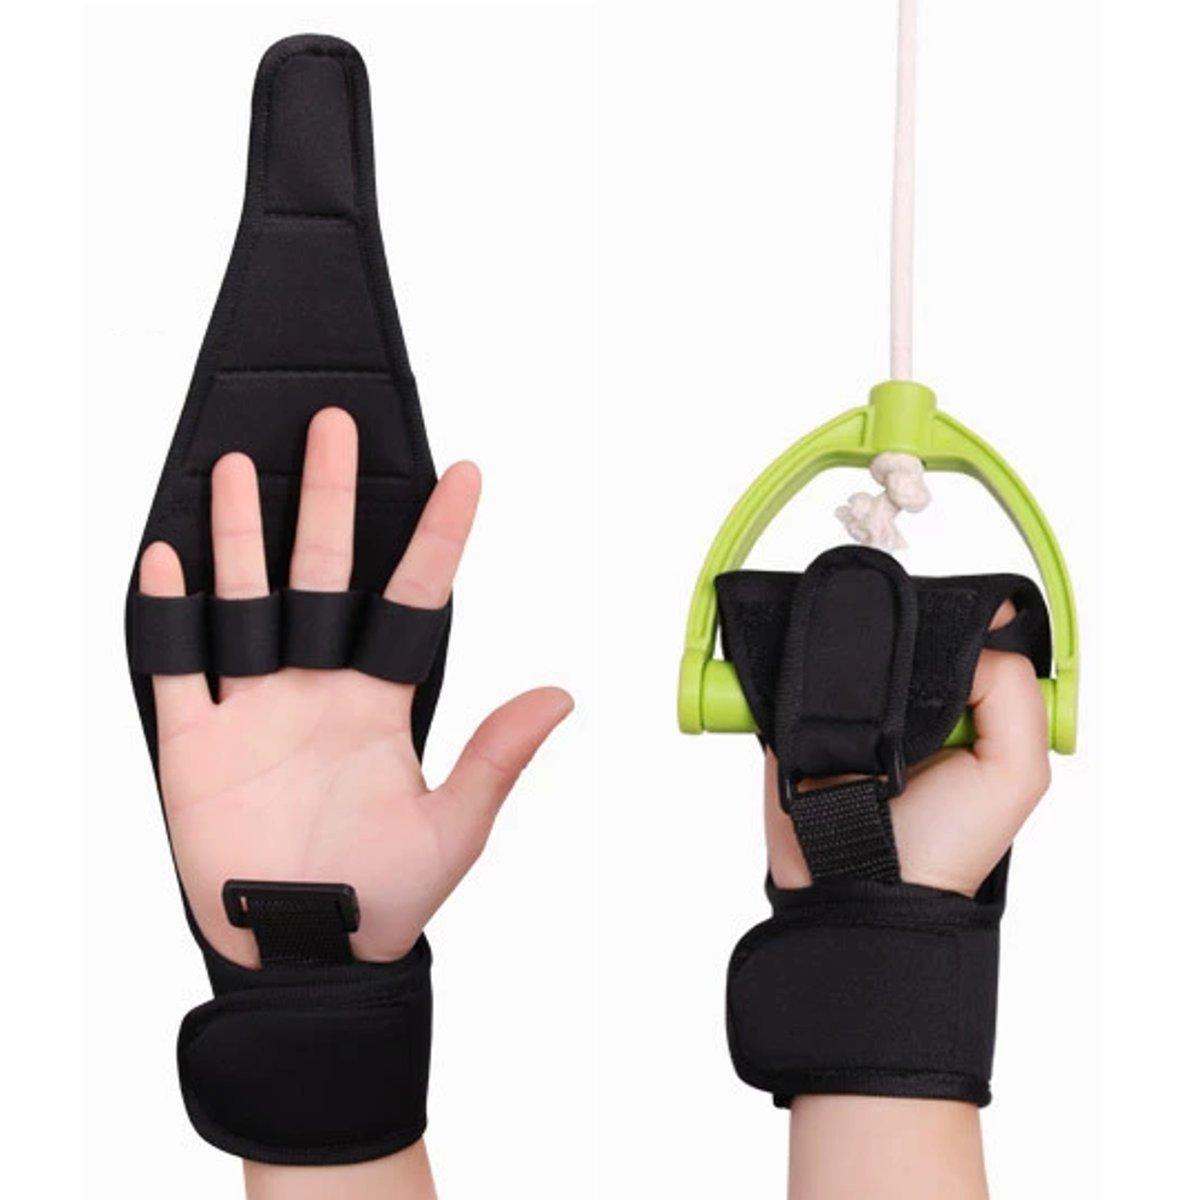 Реабилитационный палец Перчатки Брейс Пожилой кулачный удар Хемиплегия Ручная тренировка